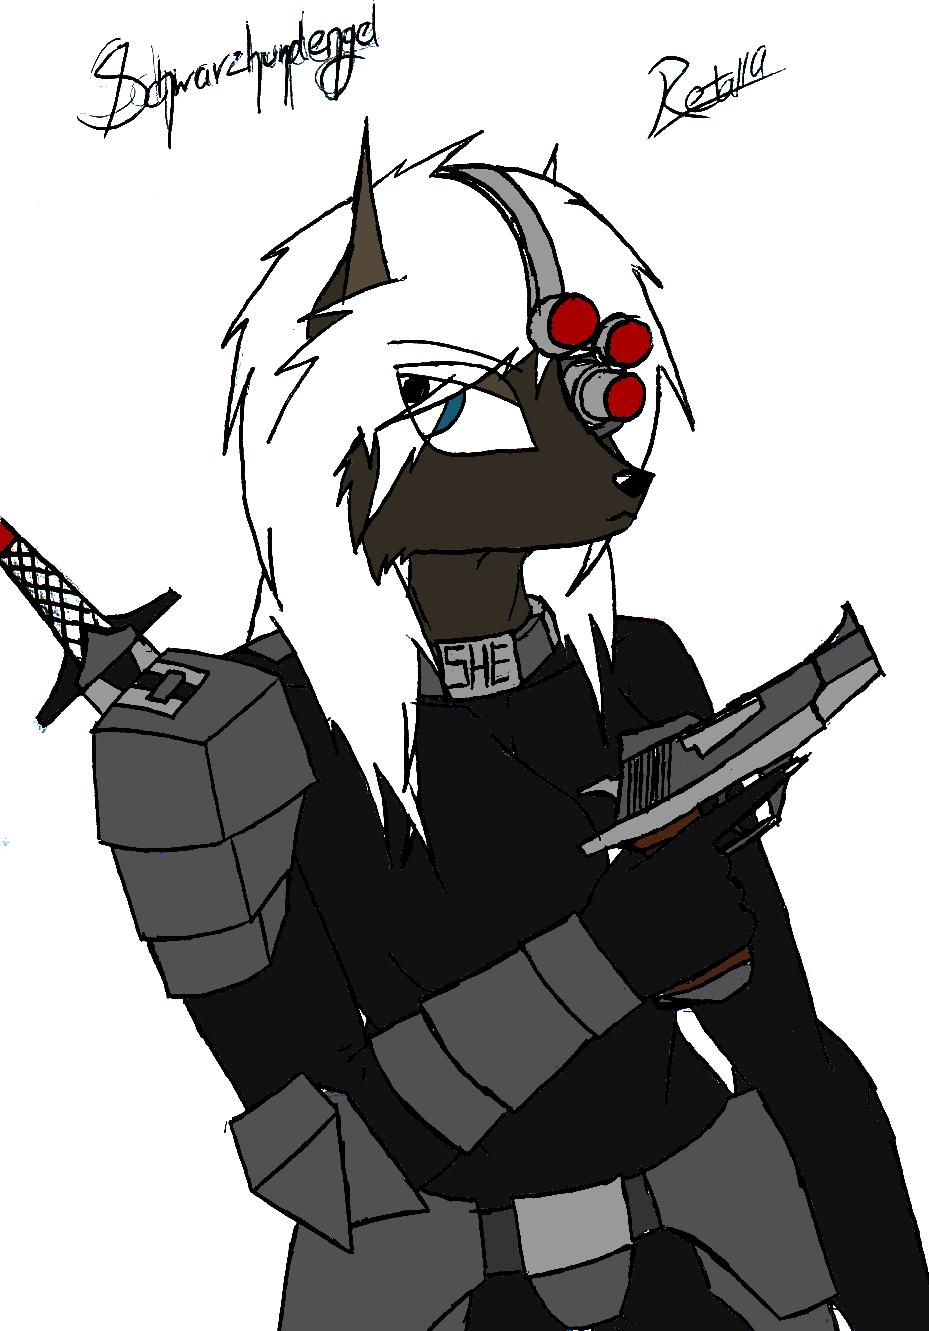 Schwarzhundengel by Retal19